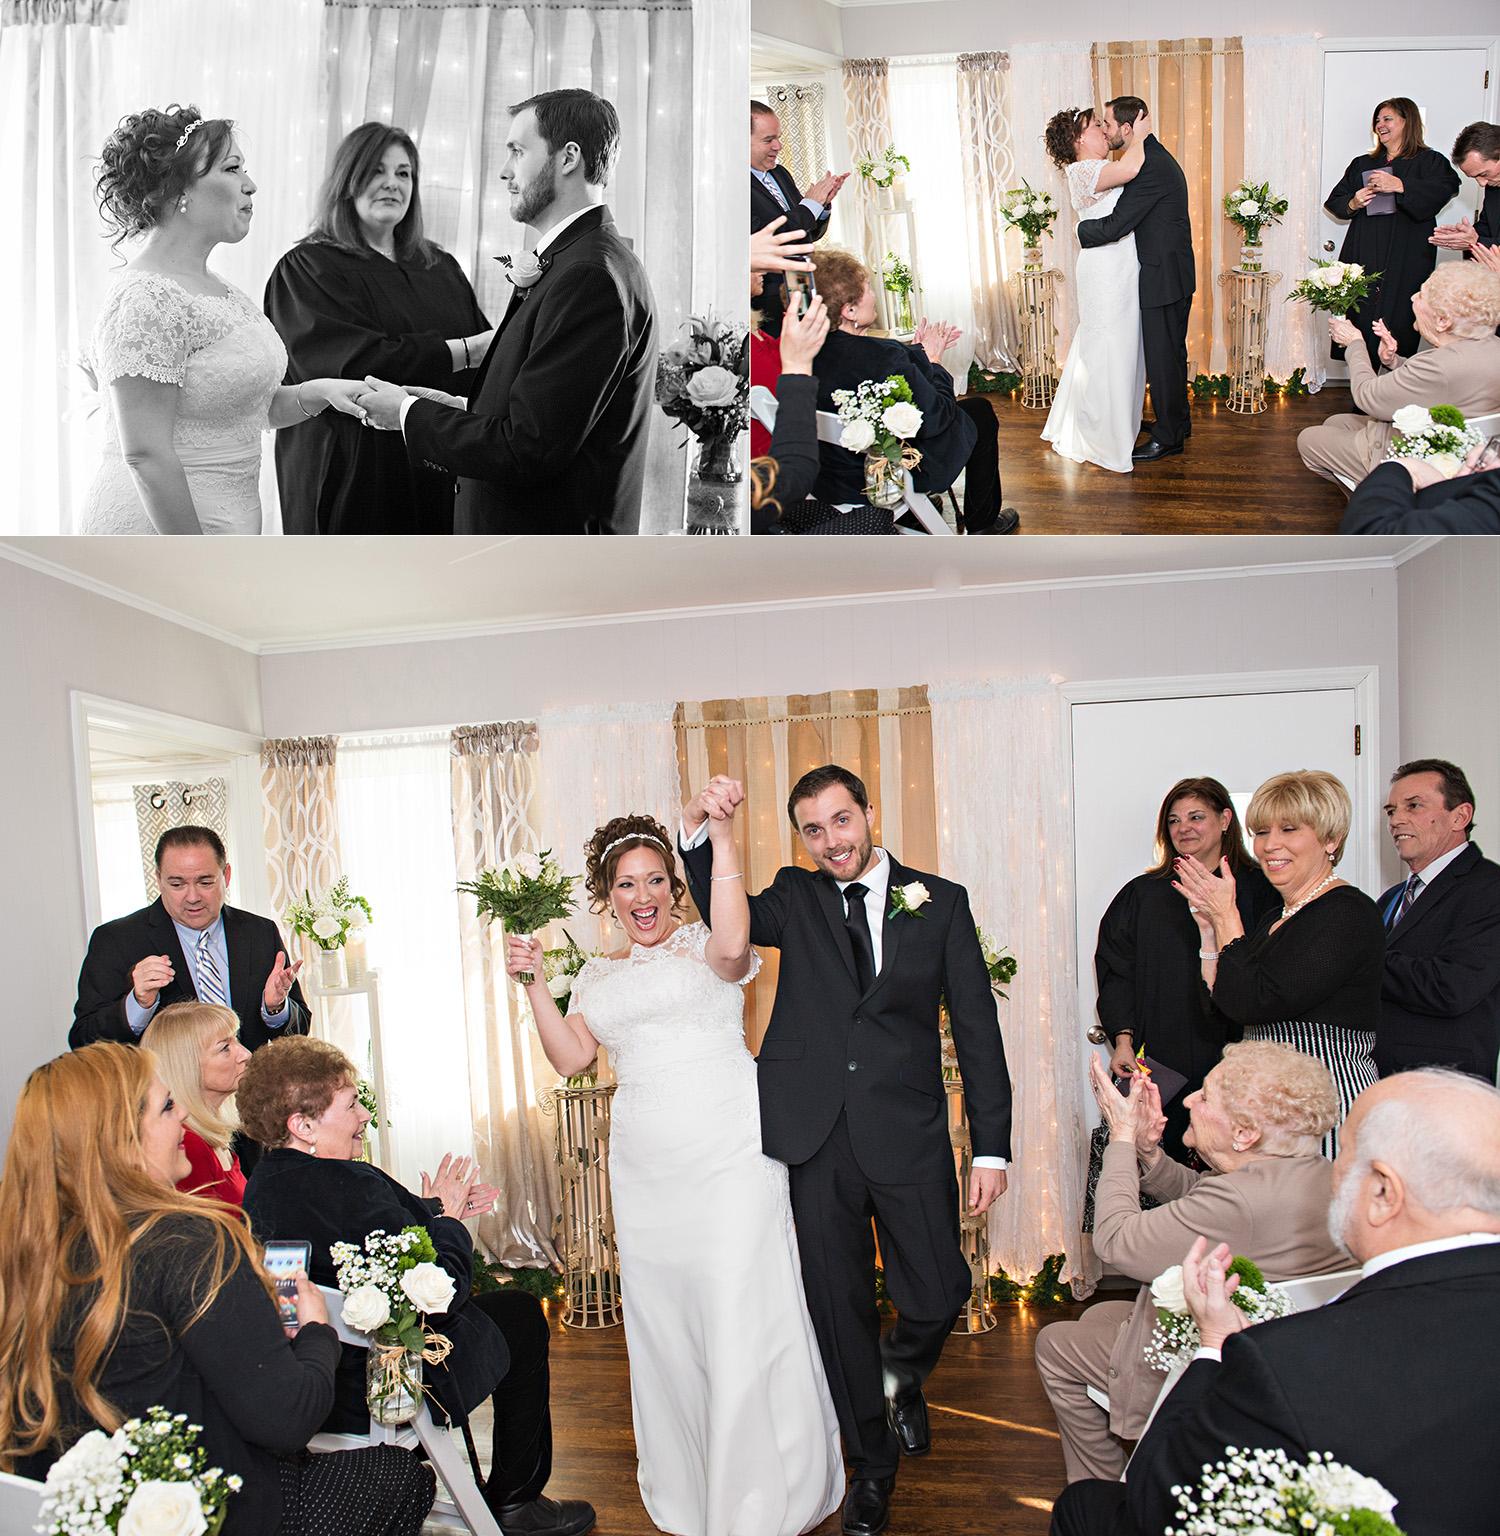 07_SRS_Photography_Sara_Stadtmiller_Asbury_Park_Wedding_Photography_NJ_Wedding_Photographer_Monmouth_County_Wedding_Photographer_Home_Wedding_DIY_Wedding